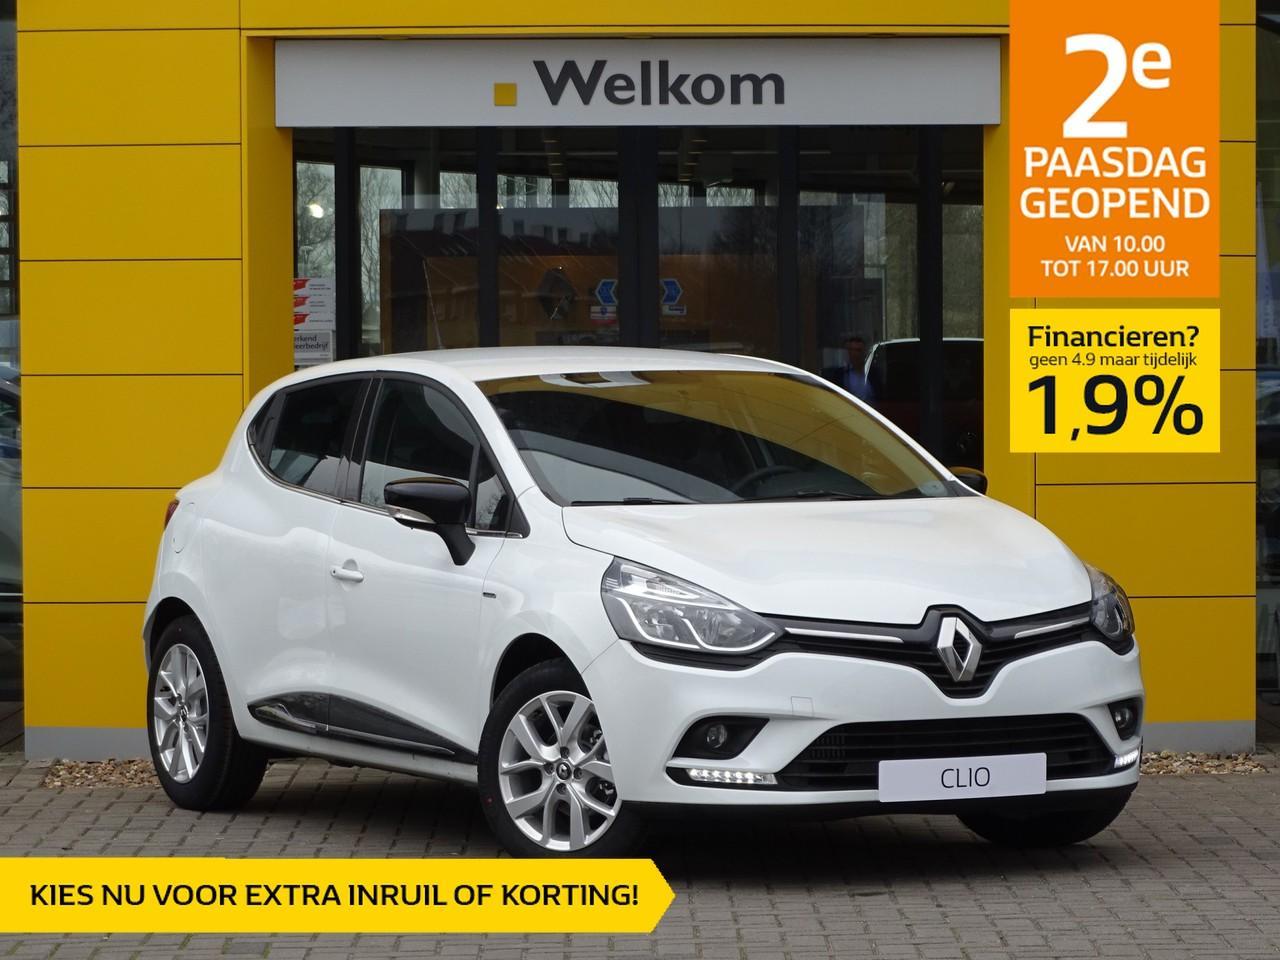 Renault Clio Tce 90pk limited normaal rijklaar 19.195,- nu rijklaar 16.895,-